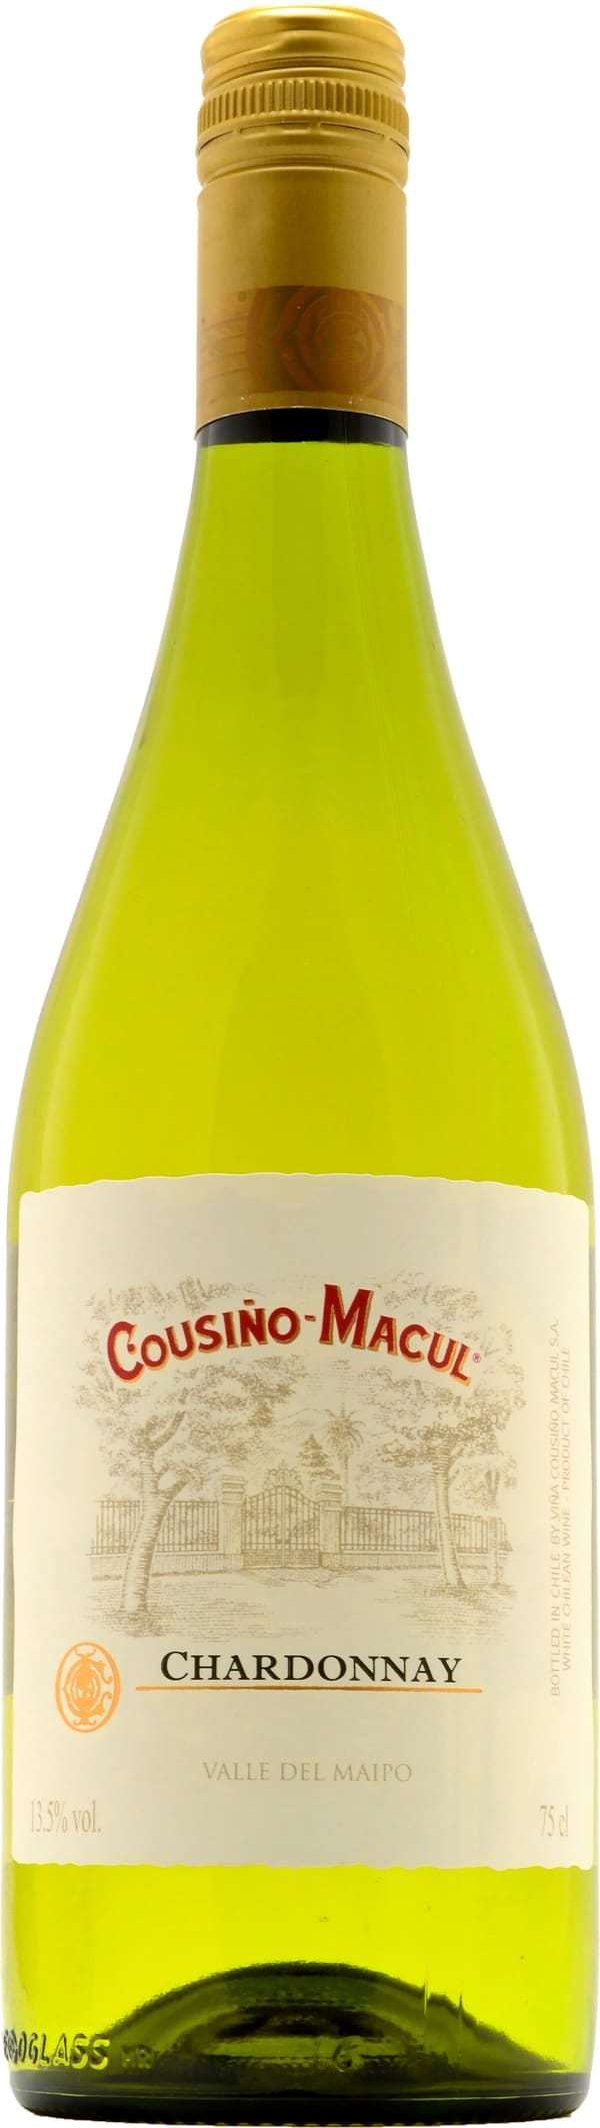 Cousiño-Macul Chardonnay 2017